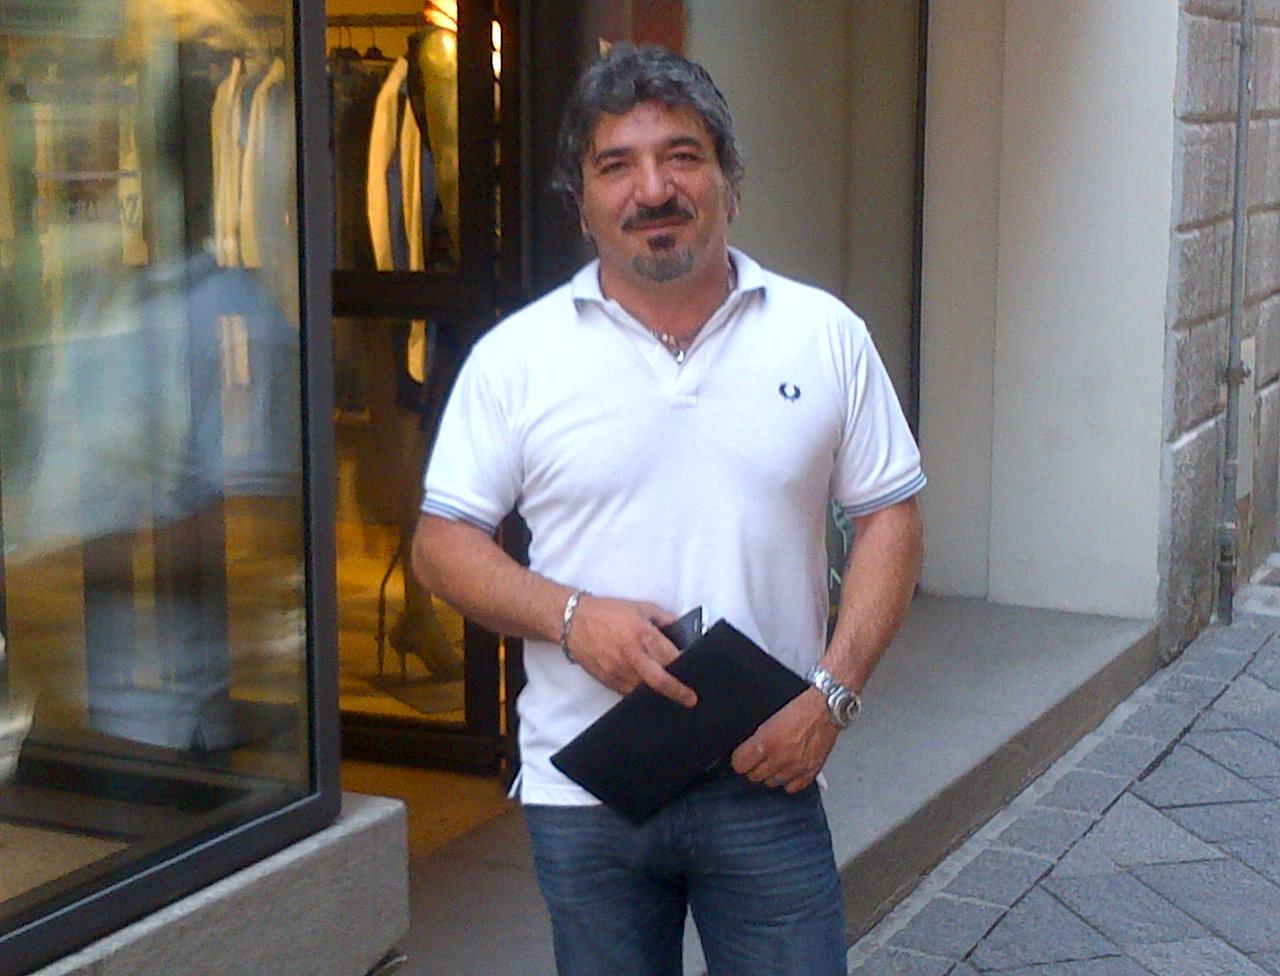 Ultime Notizie: VOLONTARIATO: Caminiti (S.a) vuole sapere se ci sono conflitti di interessi nel caso Csv partecipi appalto gestiine Cittadella